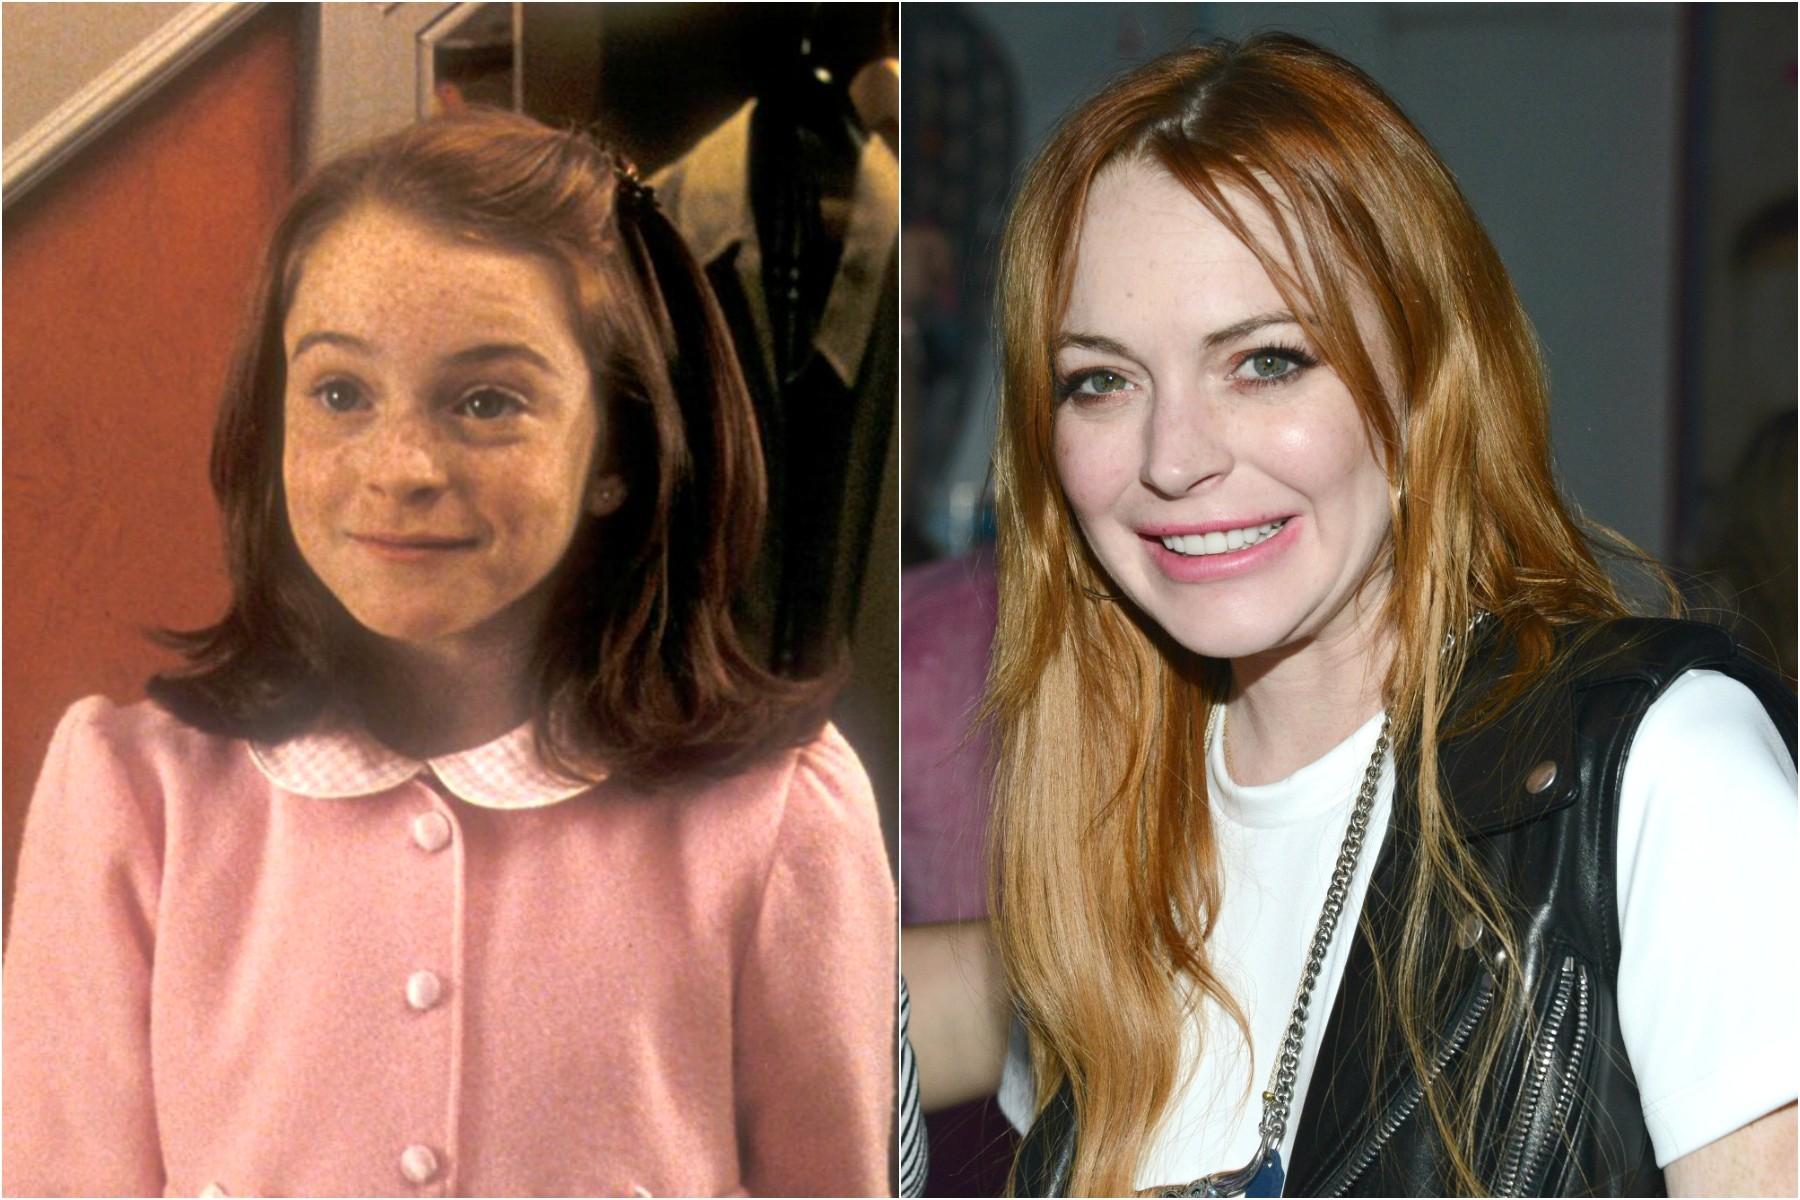 Lindsay Lohan já era atriz em 1998 (à esq.), quando tinha 12 anos e estrelou seu primeiro longa-metragem, o clássico de 'Sessão da Tarde' 'Operação Cupido'. Ela completa 28 em abril de 2014. (Foto: Divulgação e Getty Images)